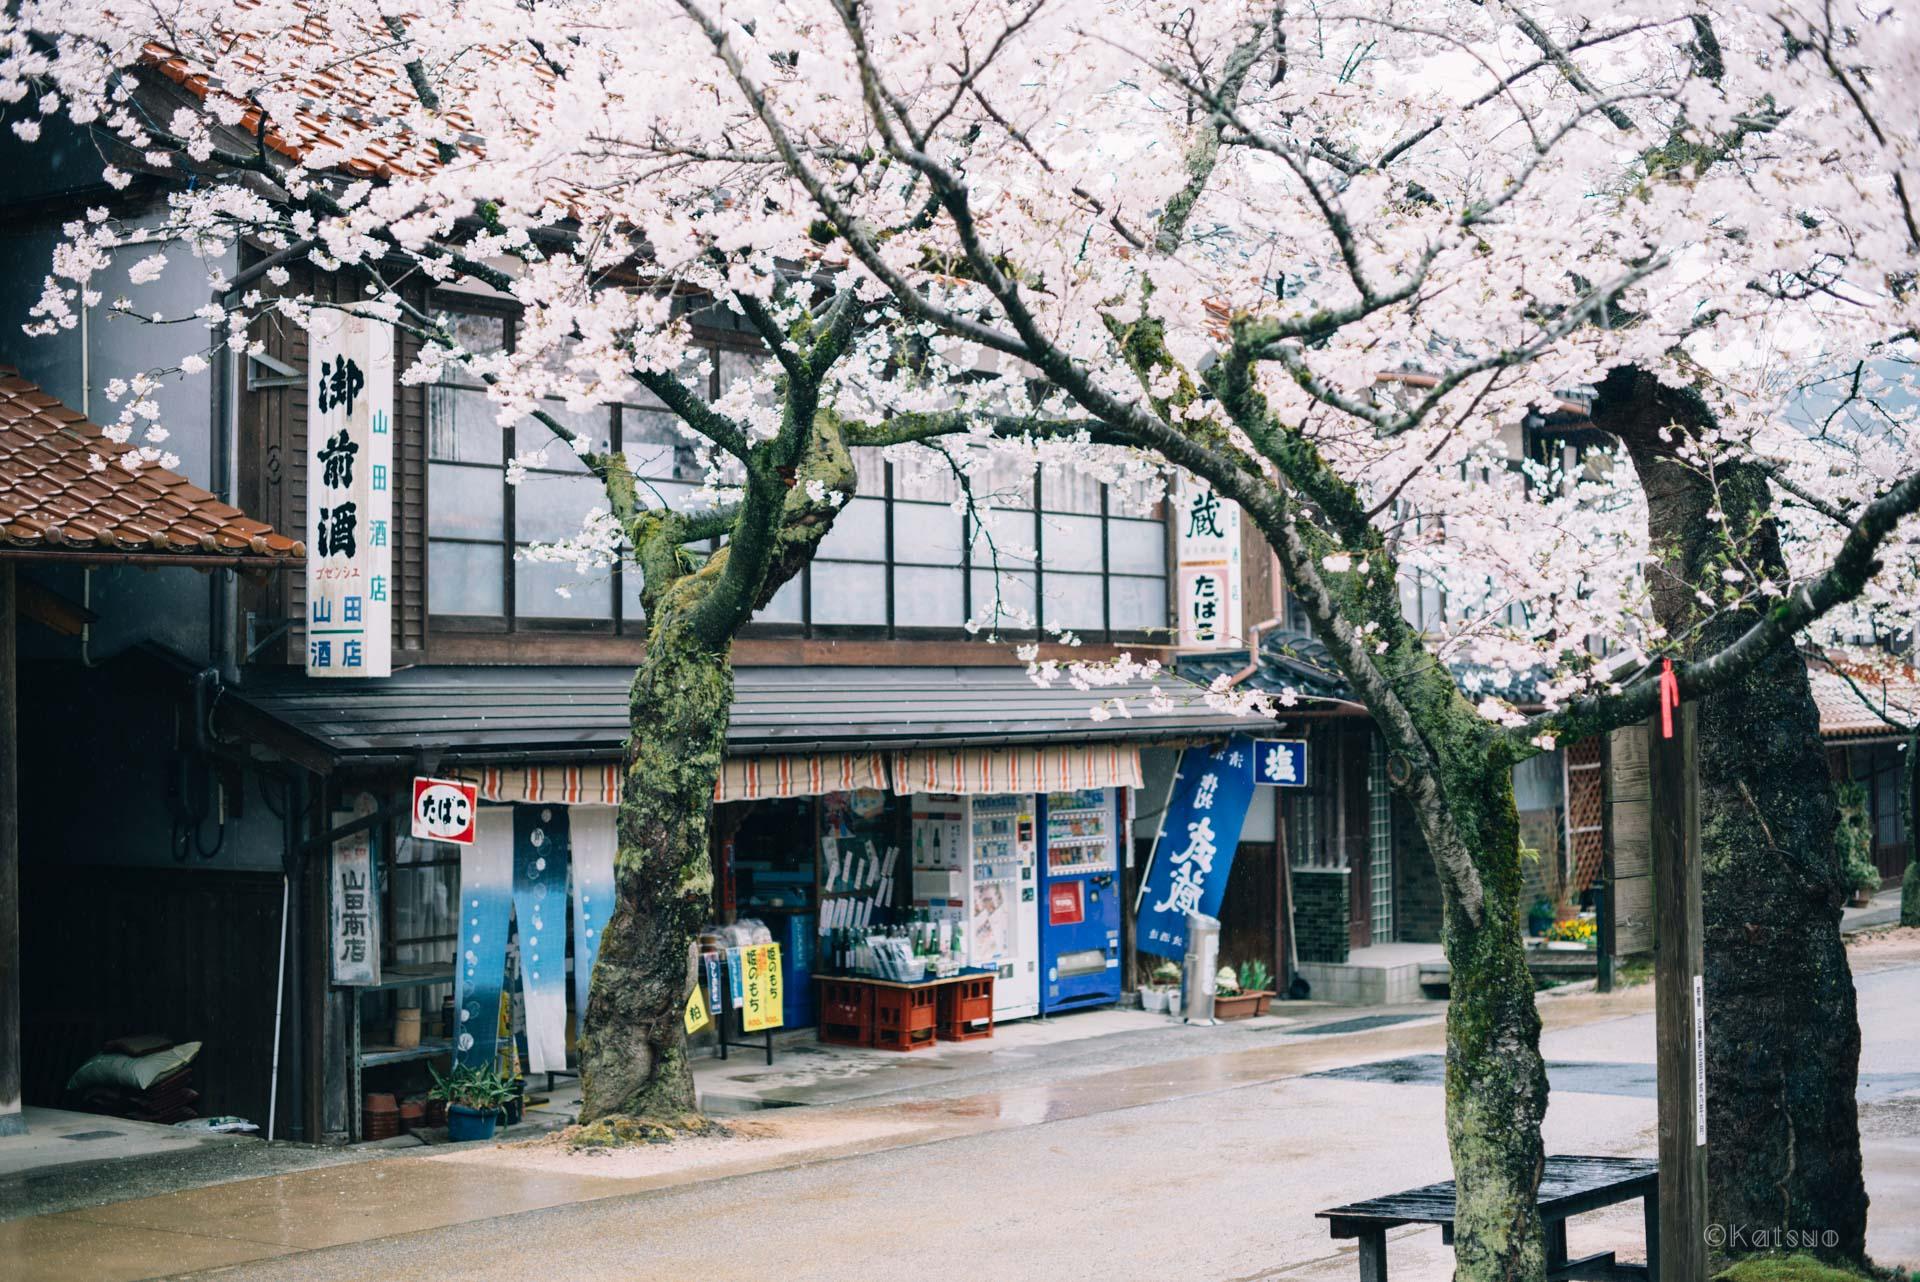 日本で最も美しい村。【日本一周12日目2018.04.07(No.09岡山県新庄村)】